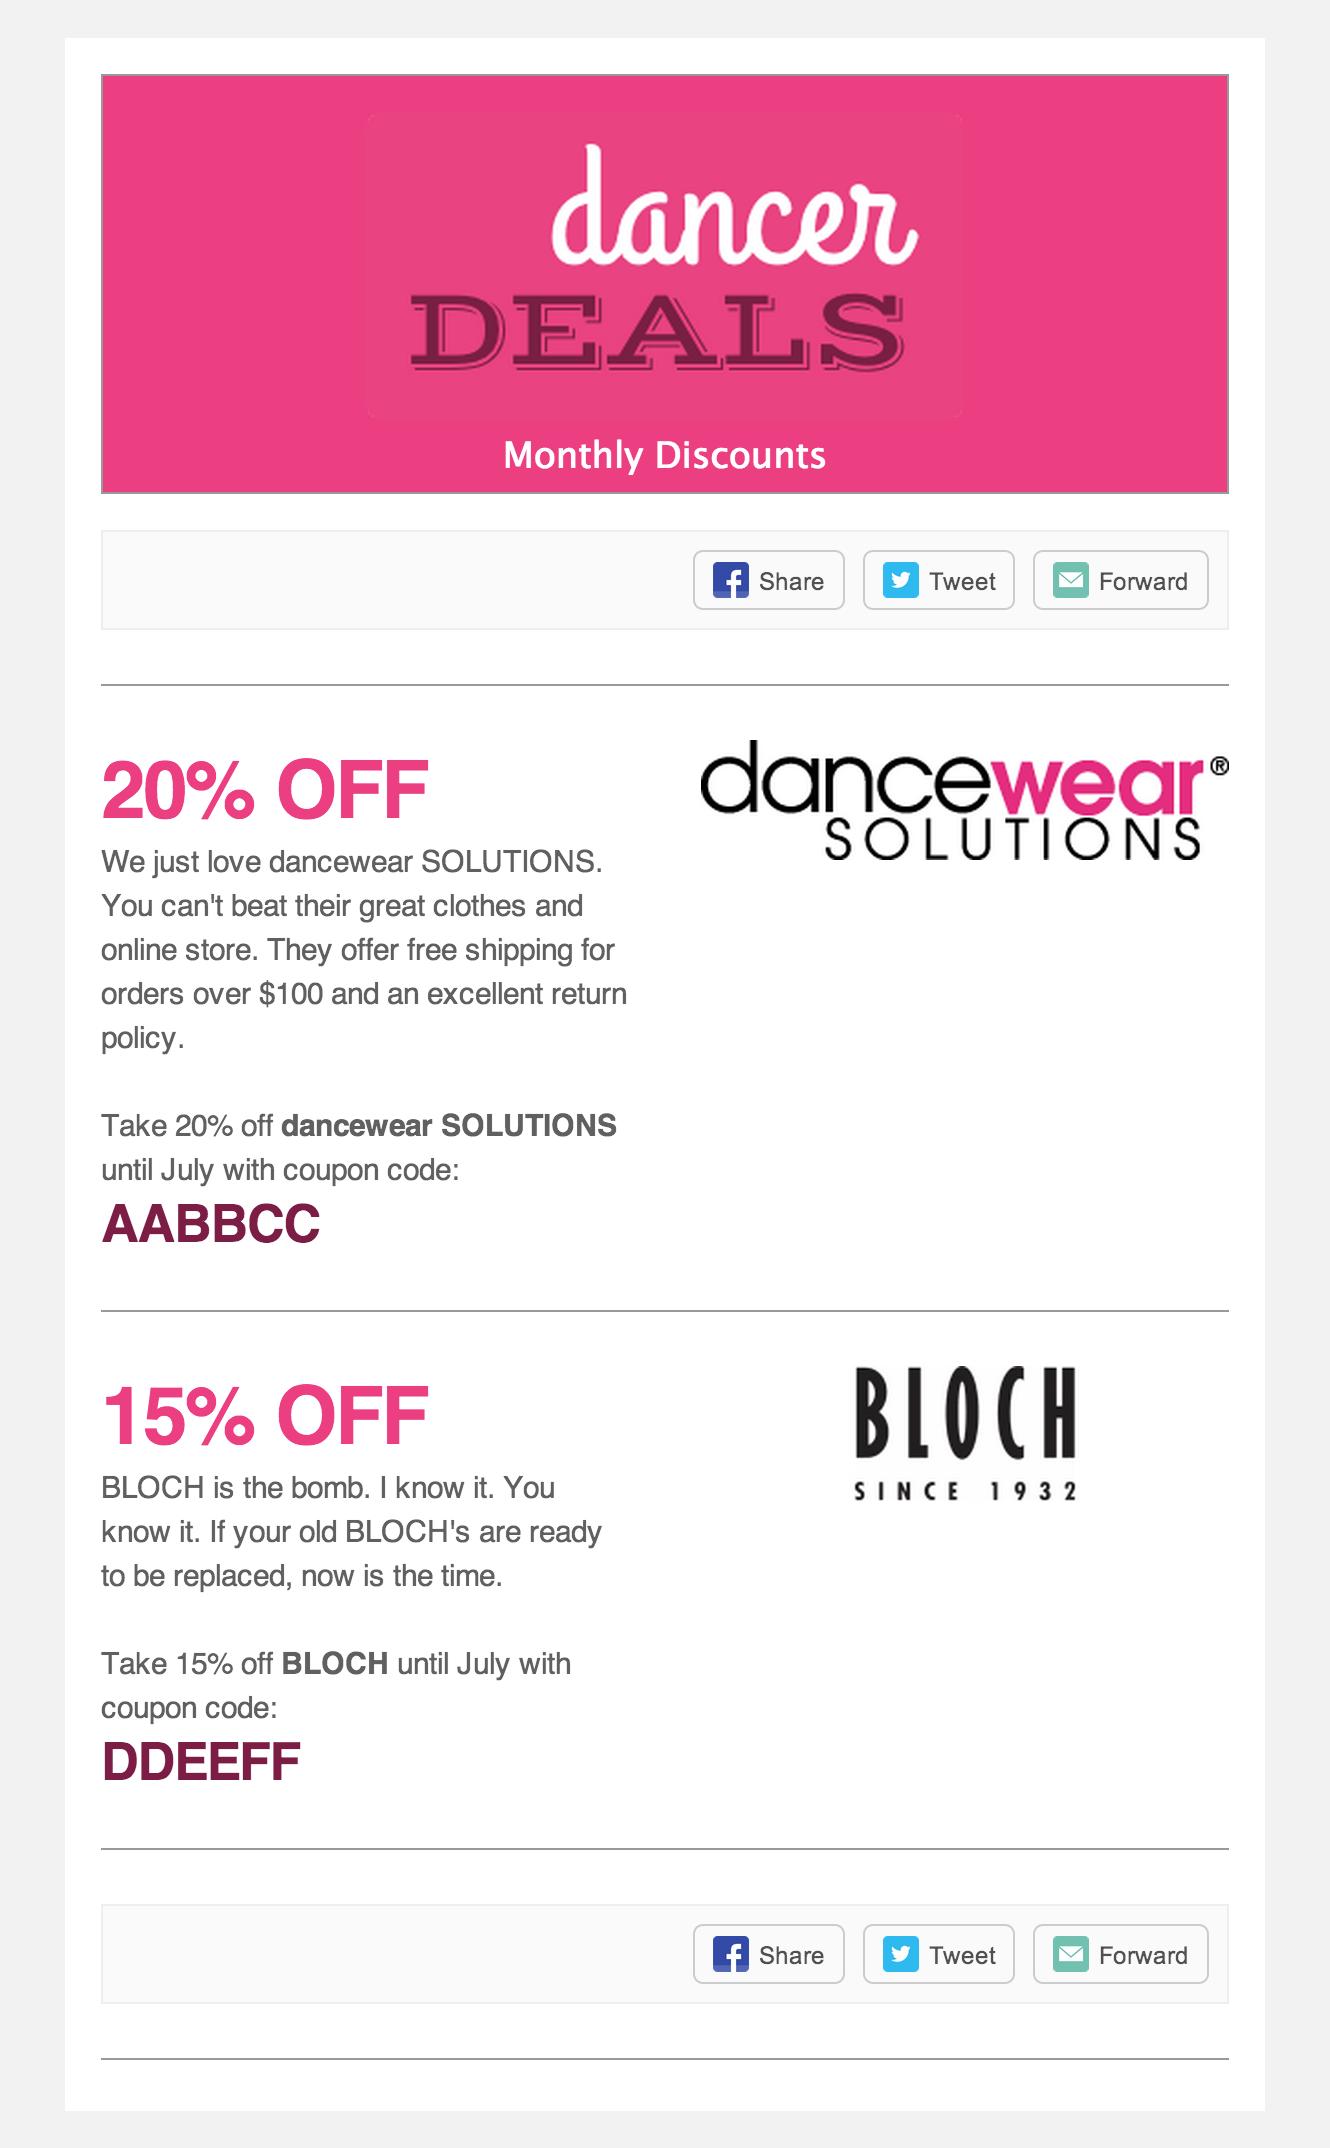 5377f335300f4e517345ecc2_DancerDeals-Sample-Campaign-400.png